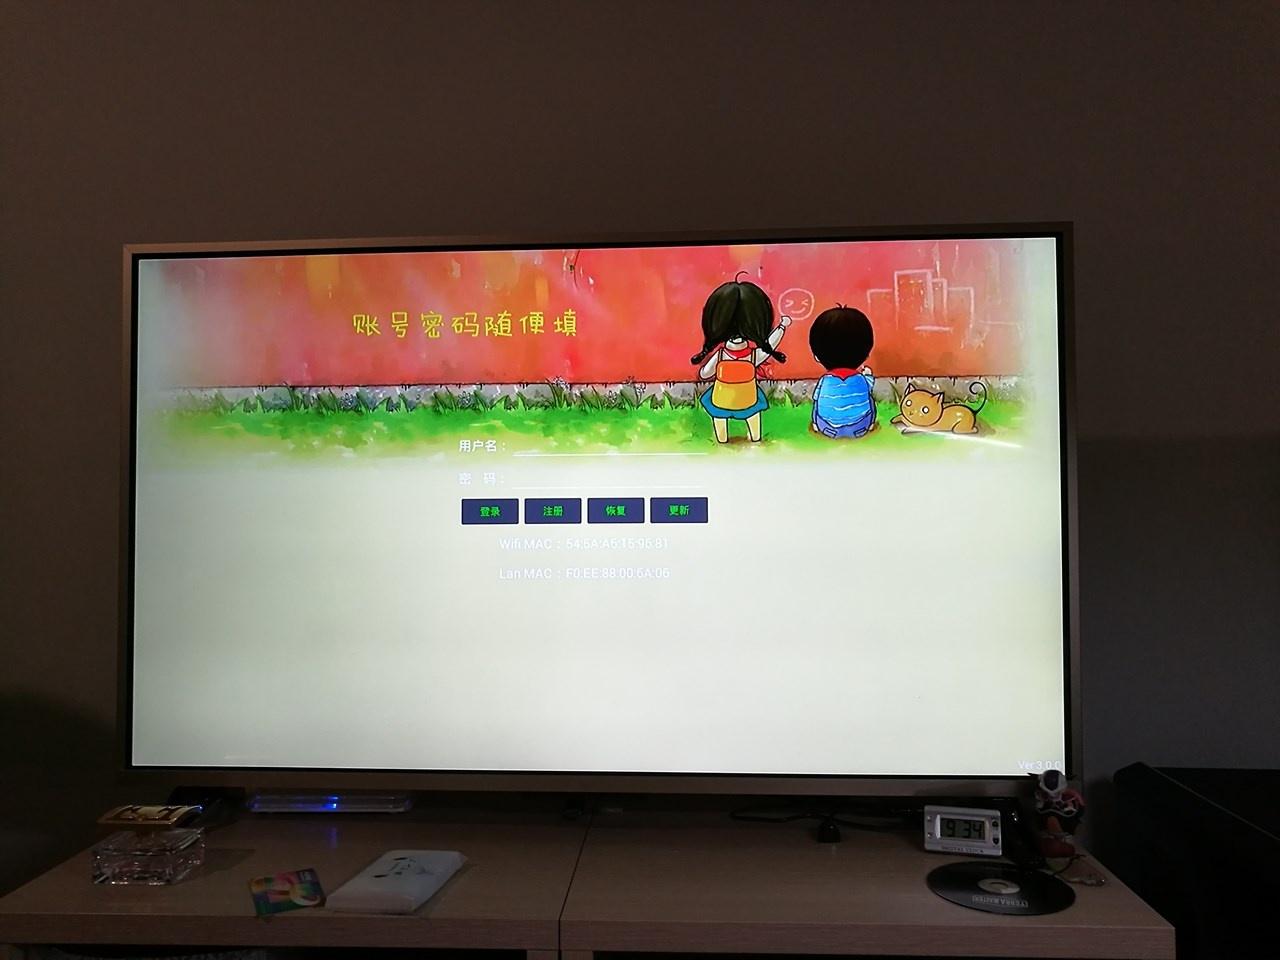 テレビボックス